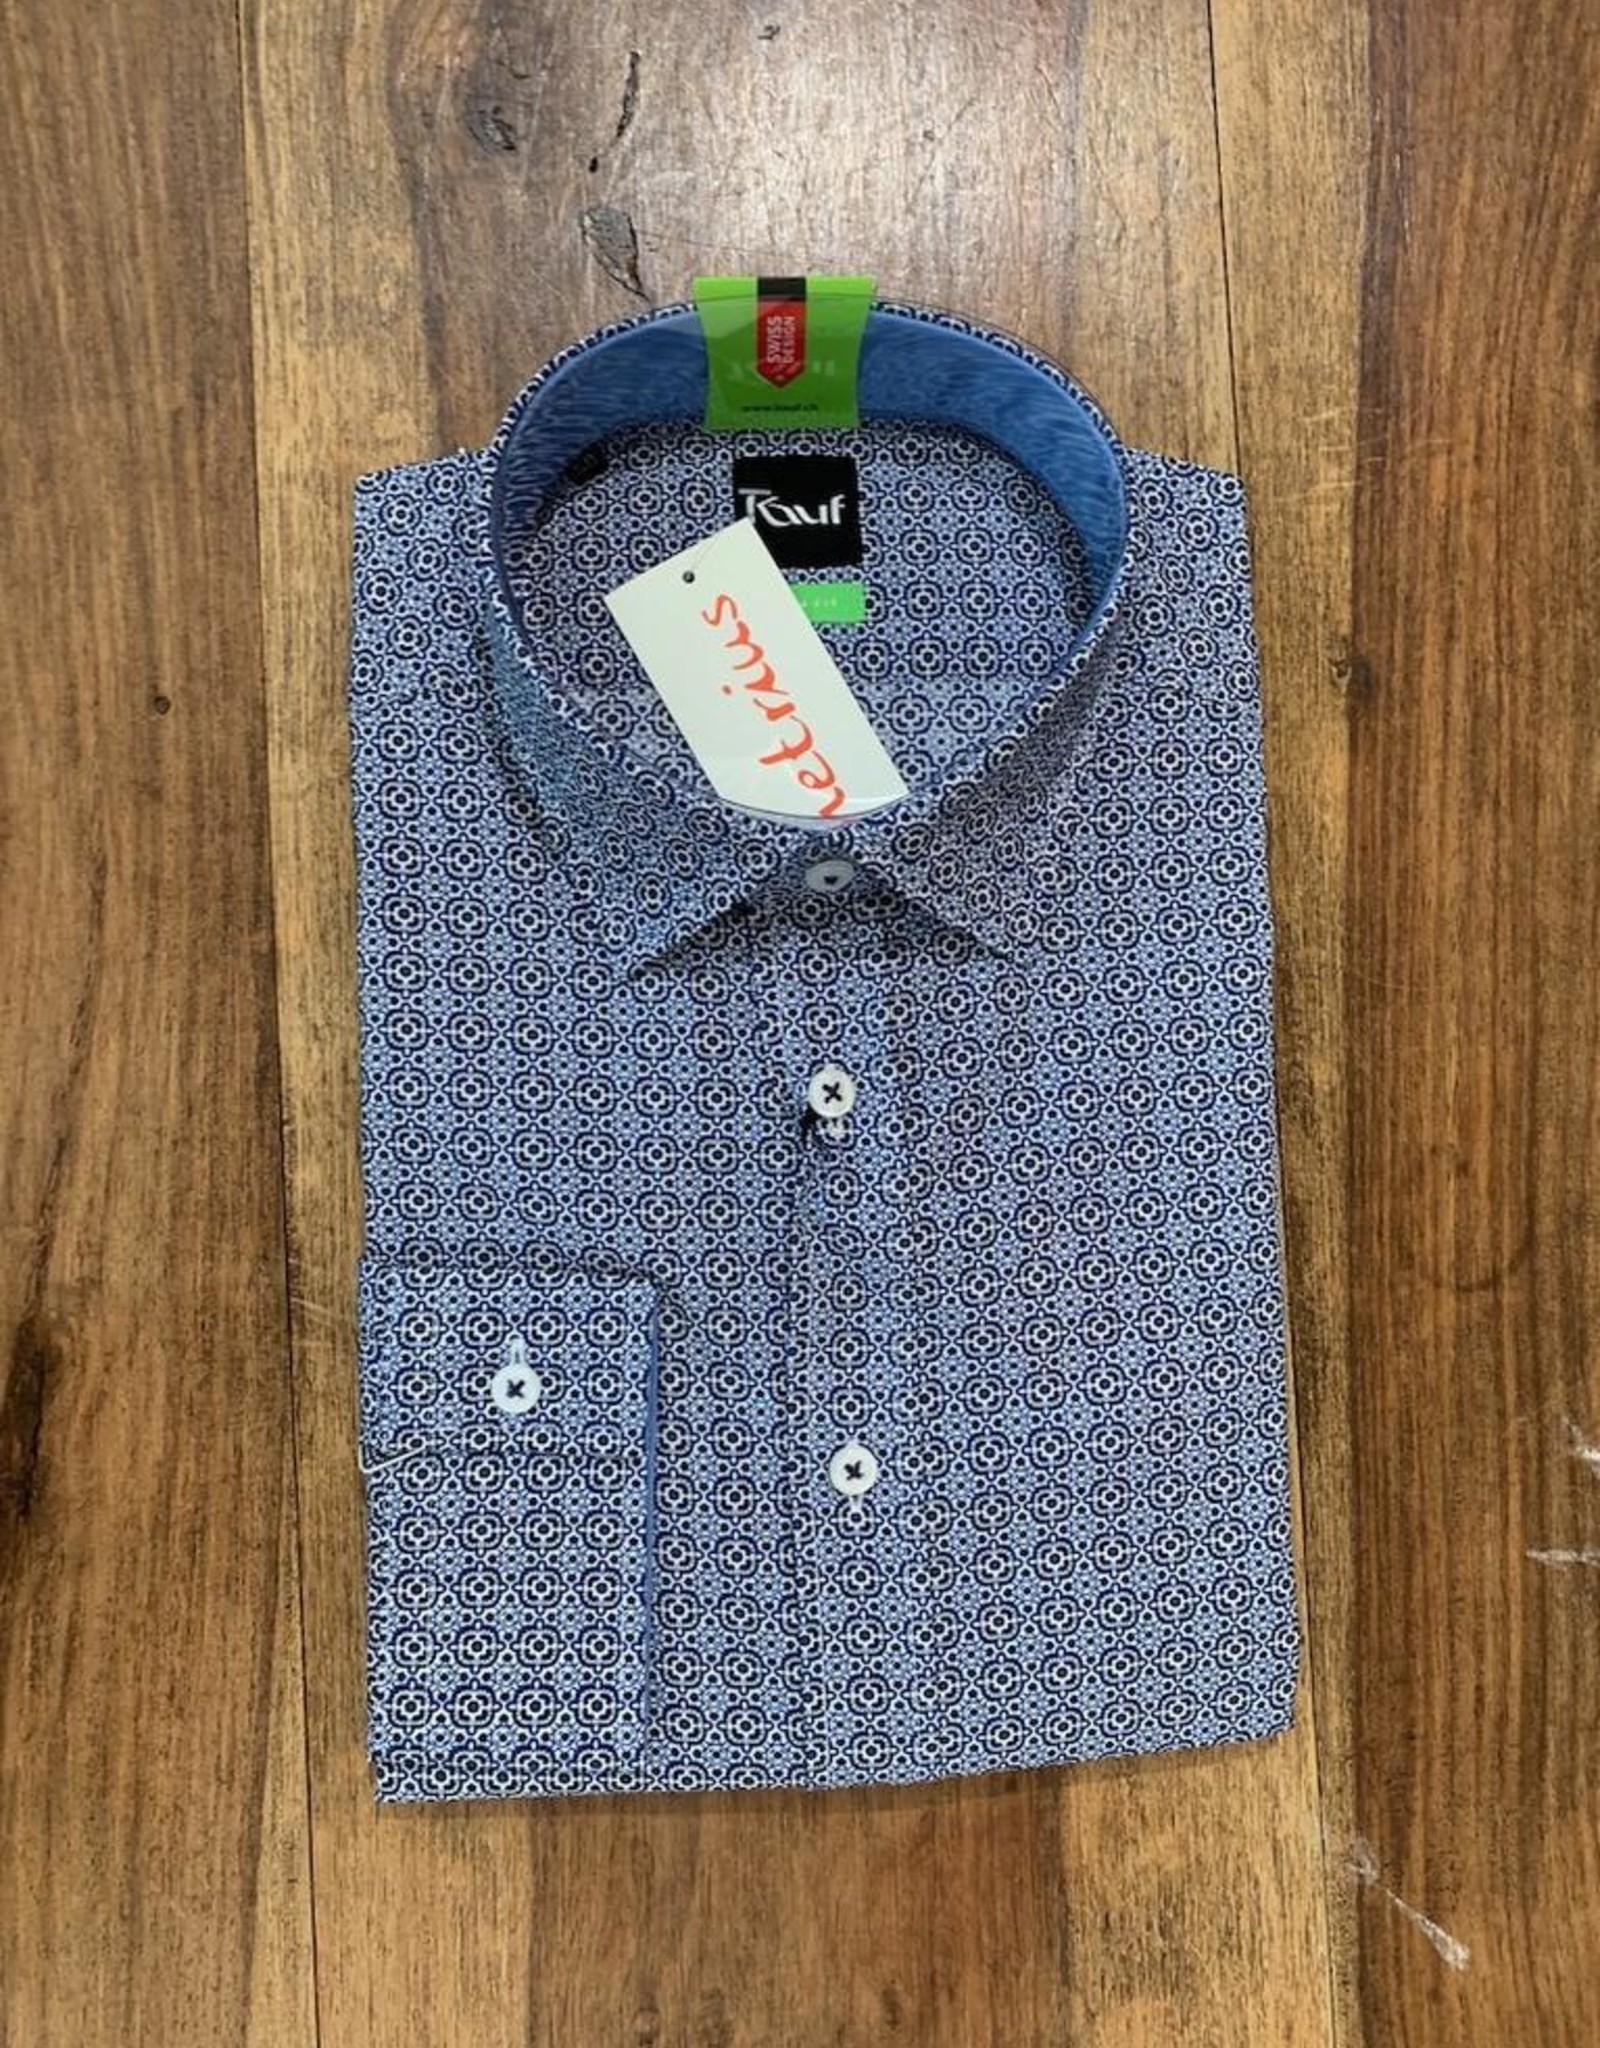 Kauf Kauf Hemd Body Fit <br /> Minimals blau<br /> Armlänge 72 cm